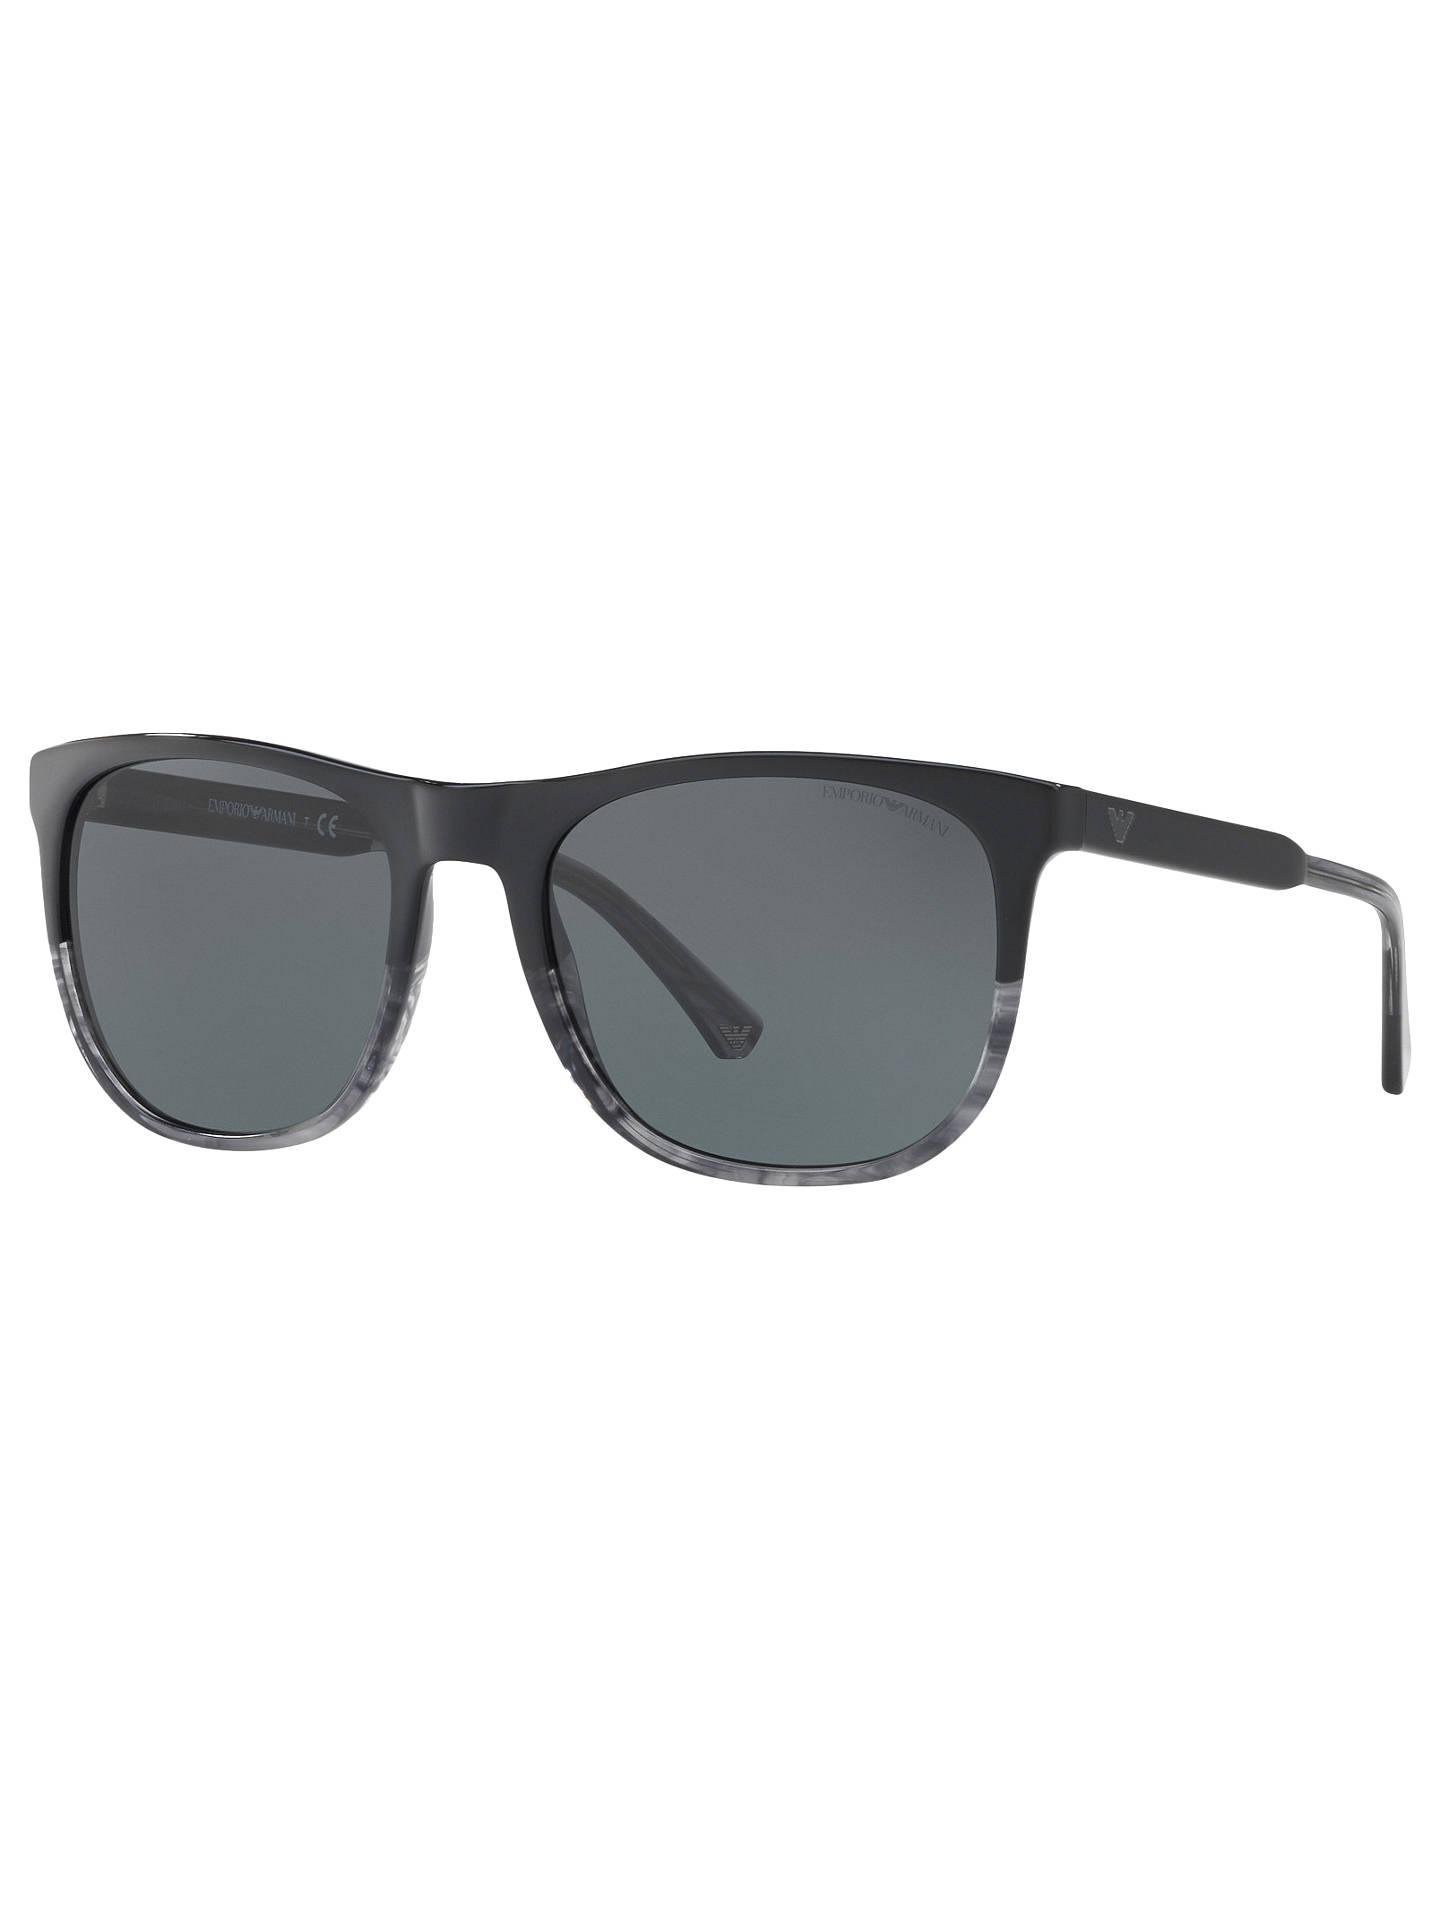 111a5c64a8e2 Buy Emporio Armani EA4099 Square Sunglasses